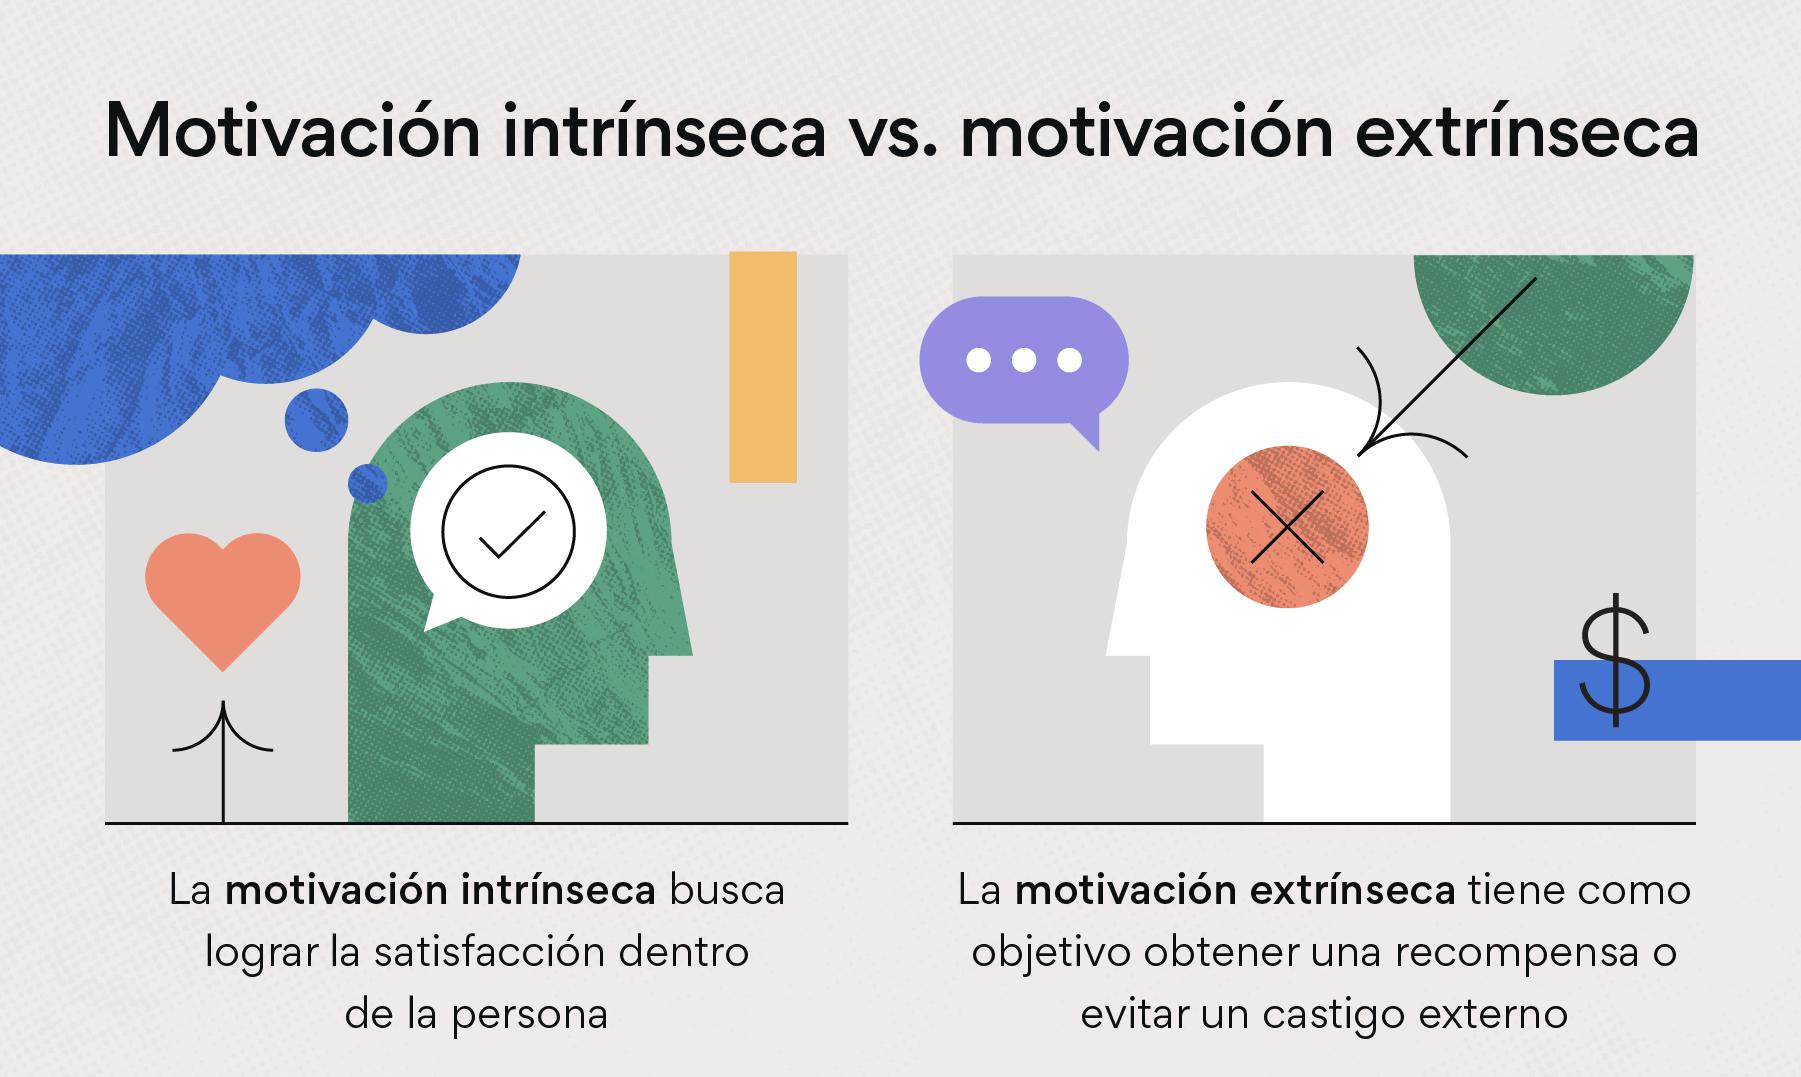 Motivación intrínseca vs. motivación extrínseca